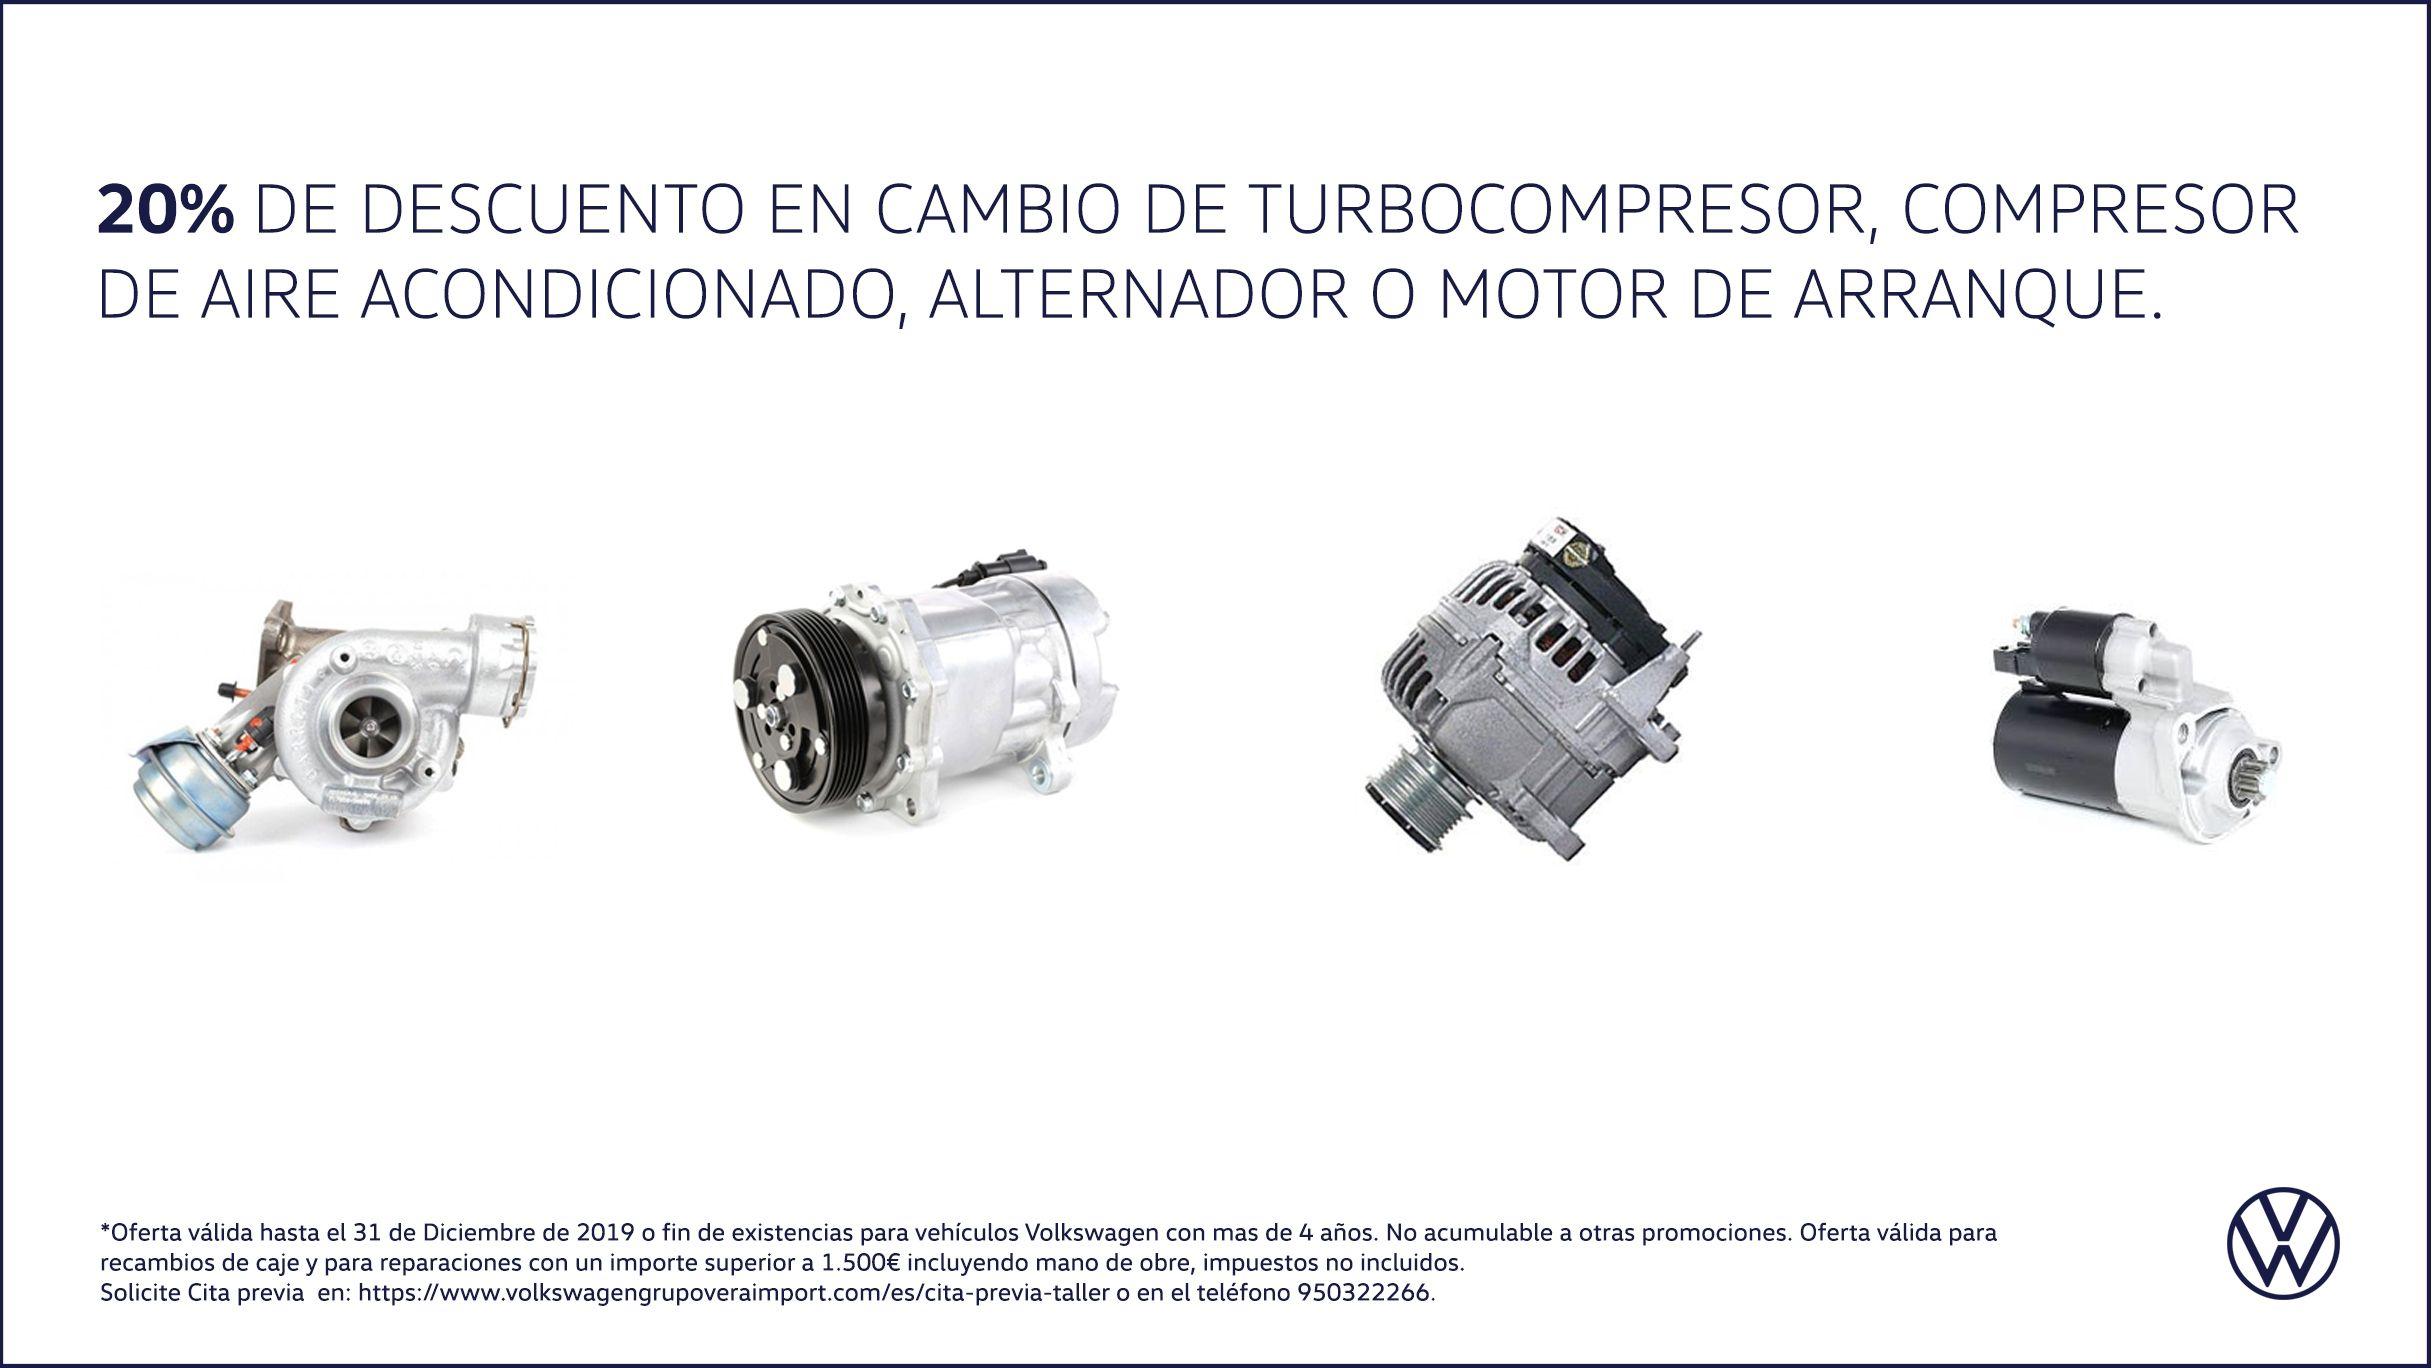 20% descuento en cambio turbocompresor, compresor de aire acondicionado, alternador o motor de arranque.